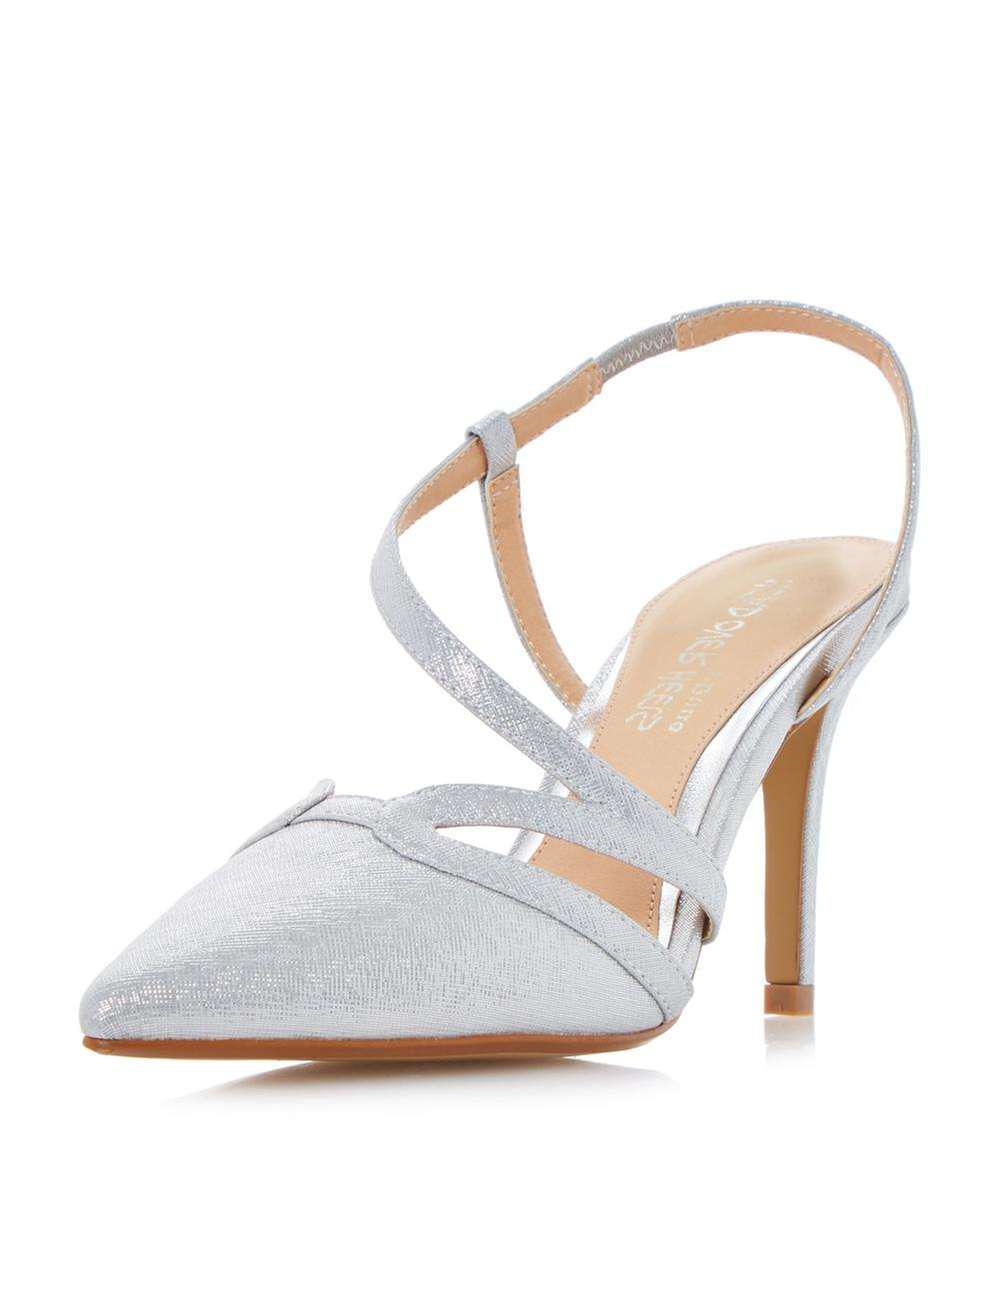 Livraison Gratuite Rabais À Vendre Pas Cher En Ligne Dorothy Perkins Head Over Heels by Dune Dusty Pink 'Corrin' Shoes Vente Recommander Coût De Réduction K1wYY